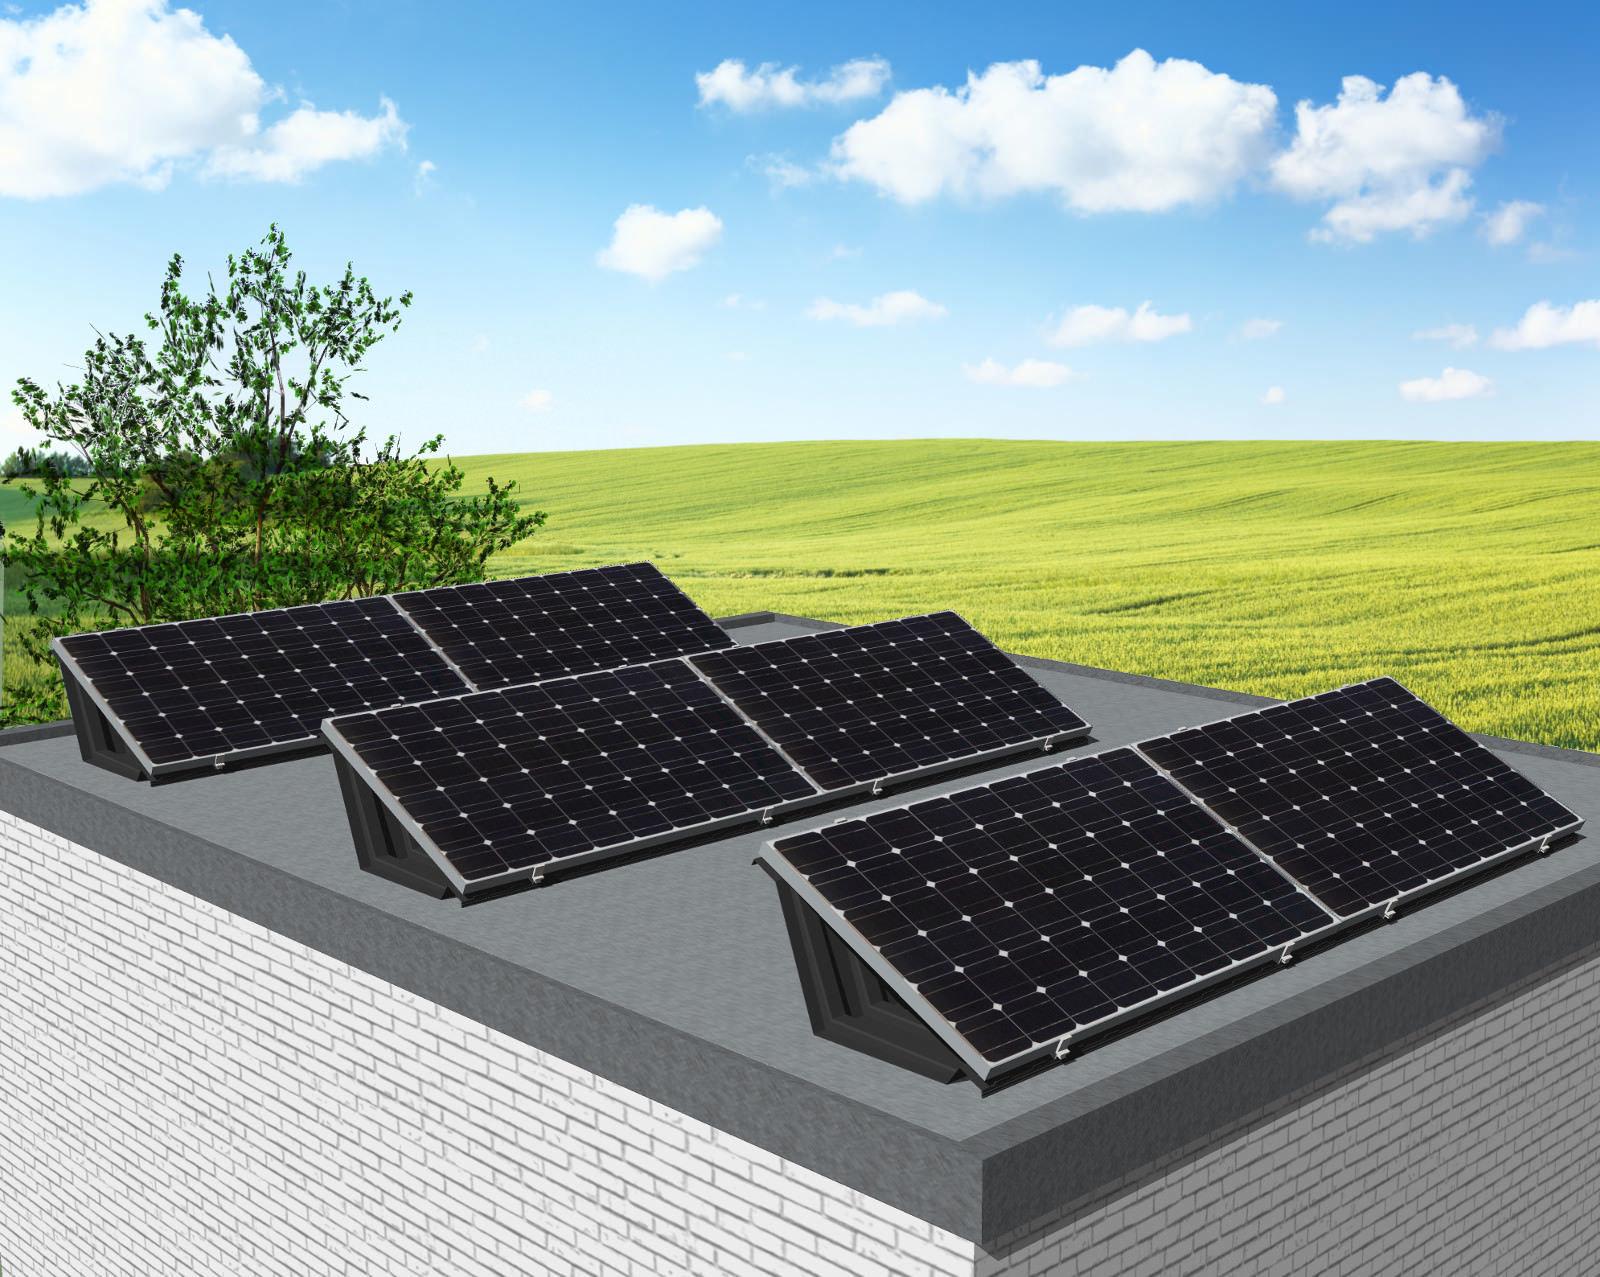 myCleantechSolarPower™ Solaranalage Flachdach oder Carport mit 6 Pannels - Musterbild